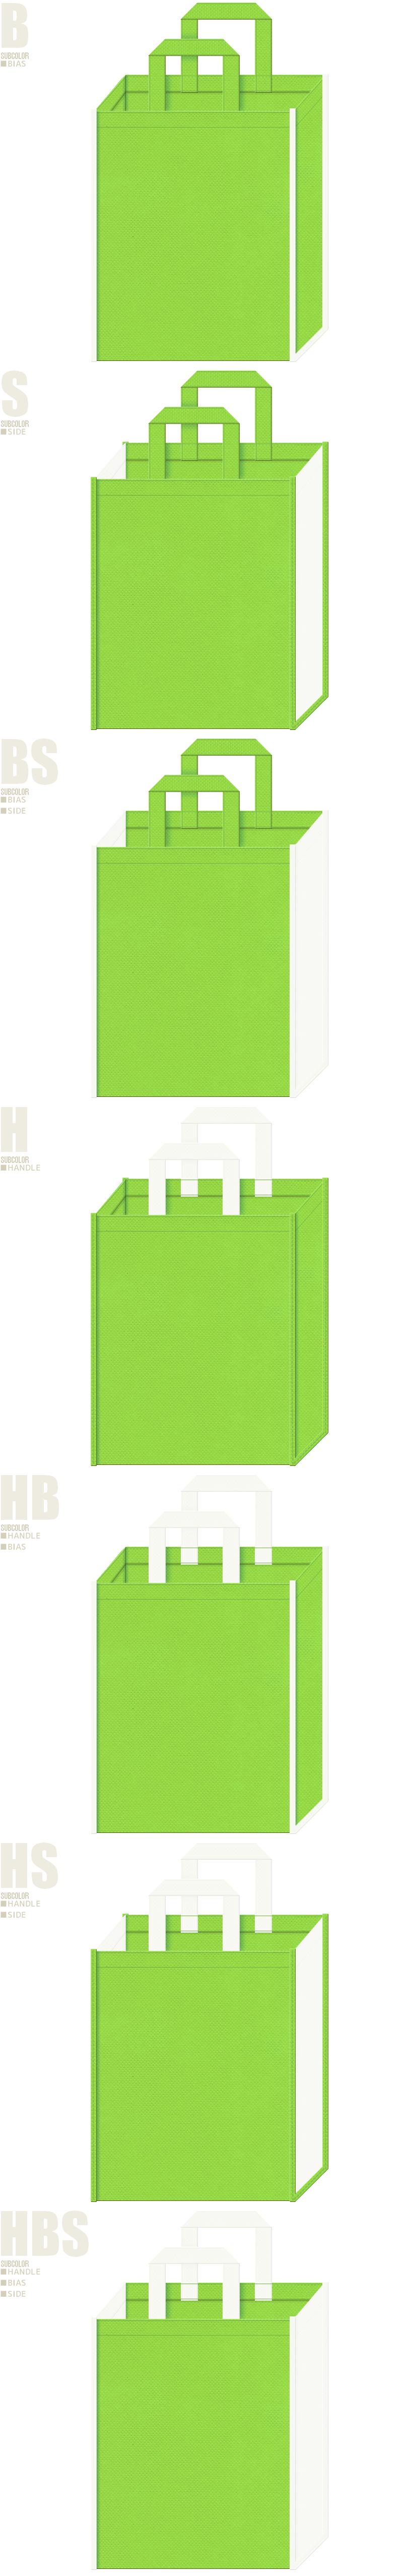 黄緑色とオフホワイト色、7パターンの不織布トートバッグ配色デザイン例。園芸用品の展示会用バッグ。ブーケ風。